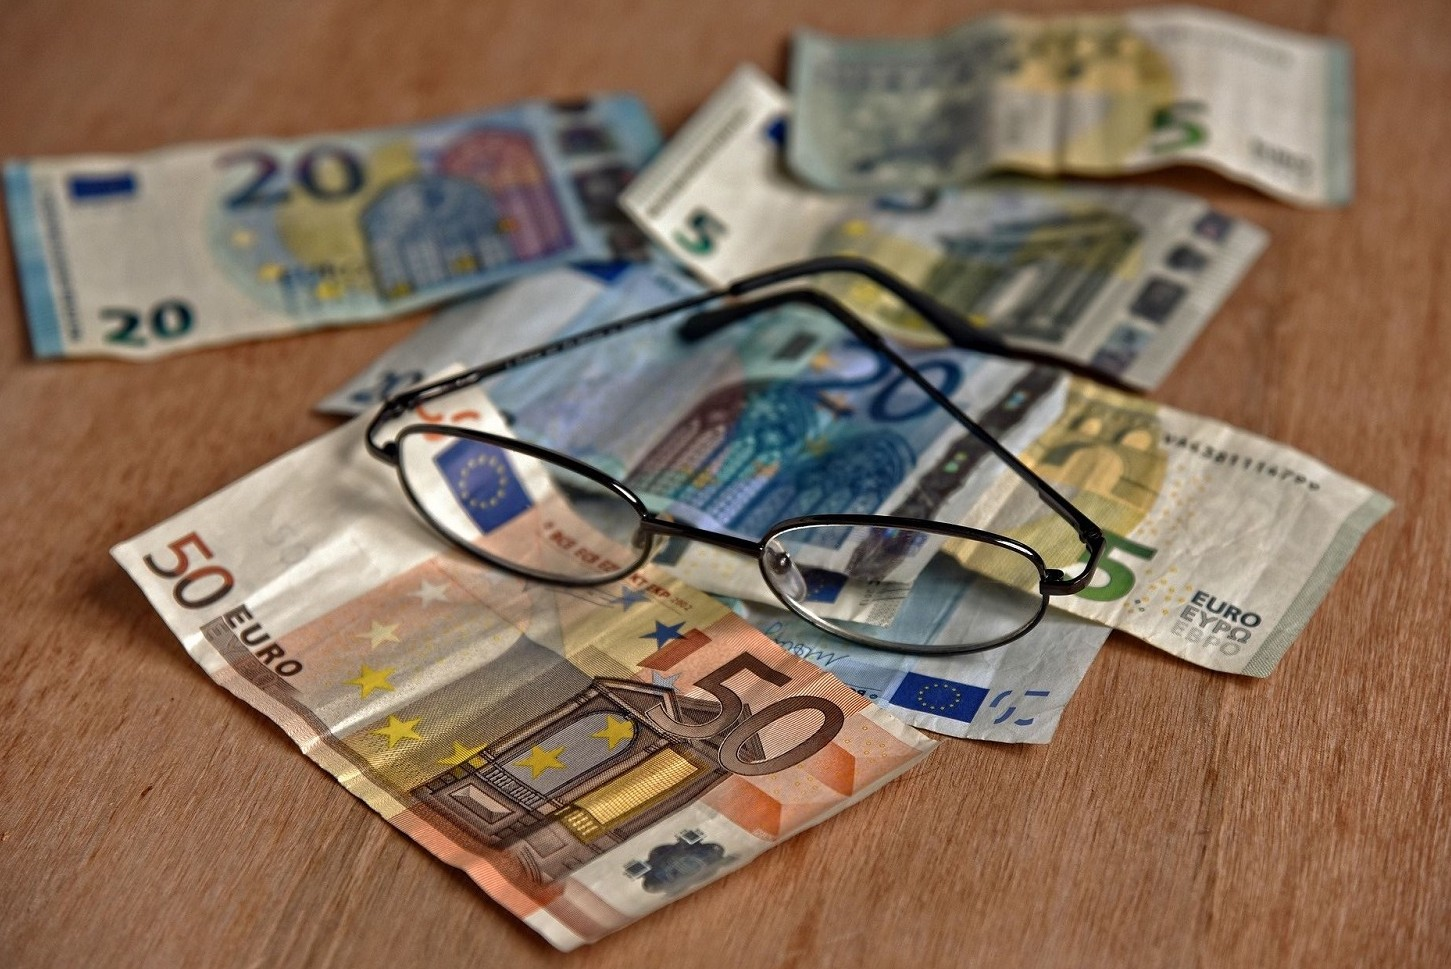 Come fare donazione soldi da genitori a figli e altri parenti senza rischi controlli Agenzia Entrate